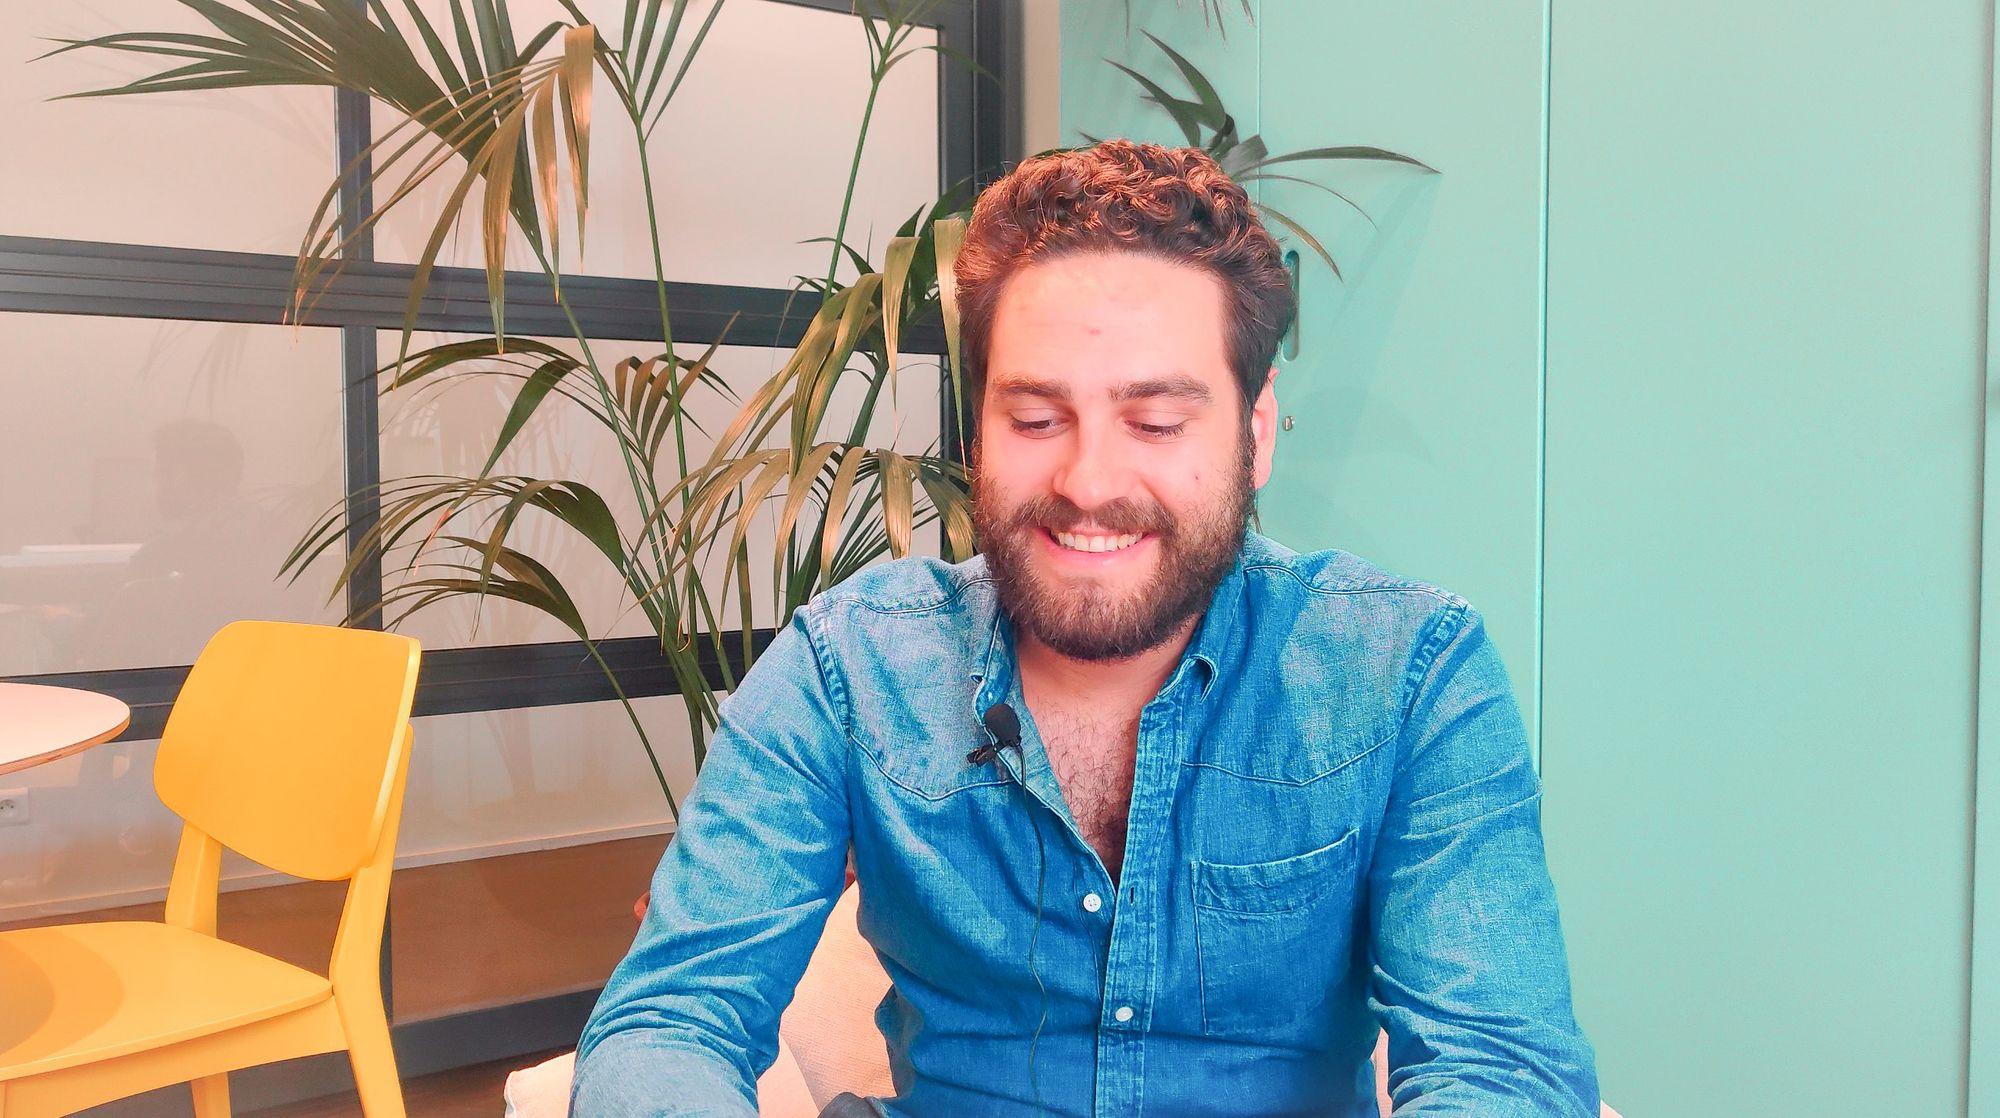 VIDEO - Un jour chez Inch : interview de Mathieu, Account Manager